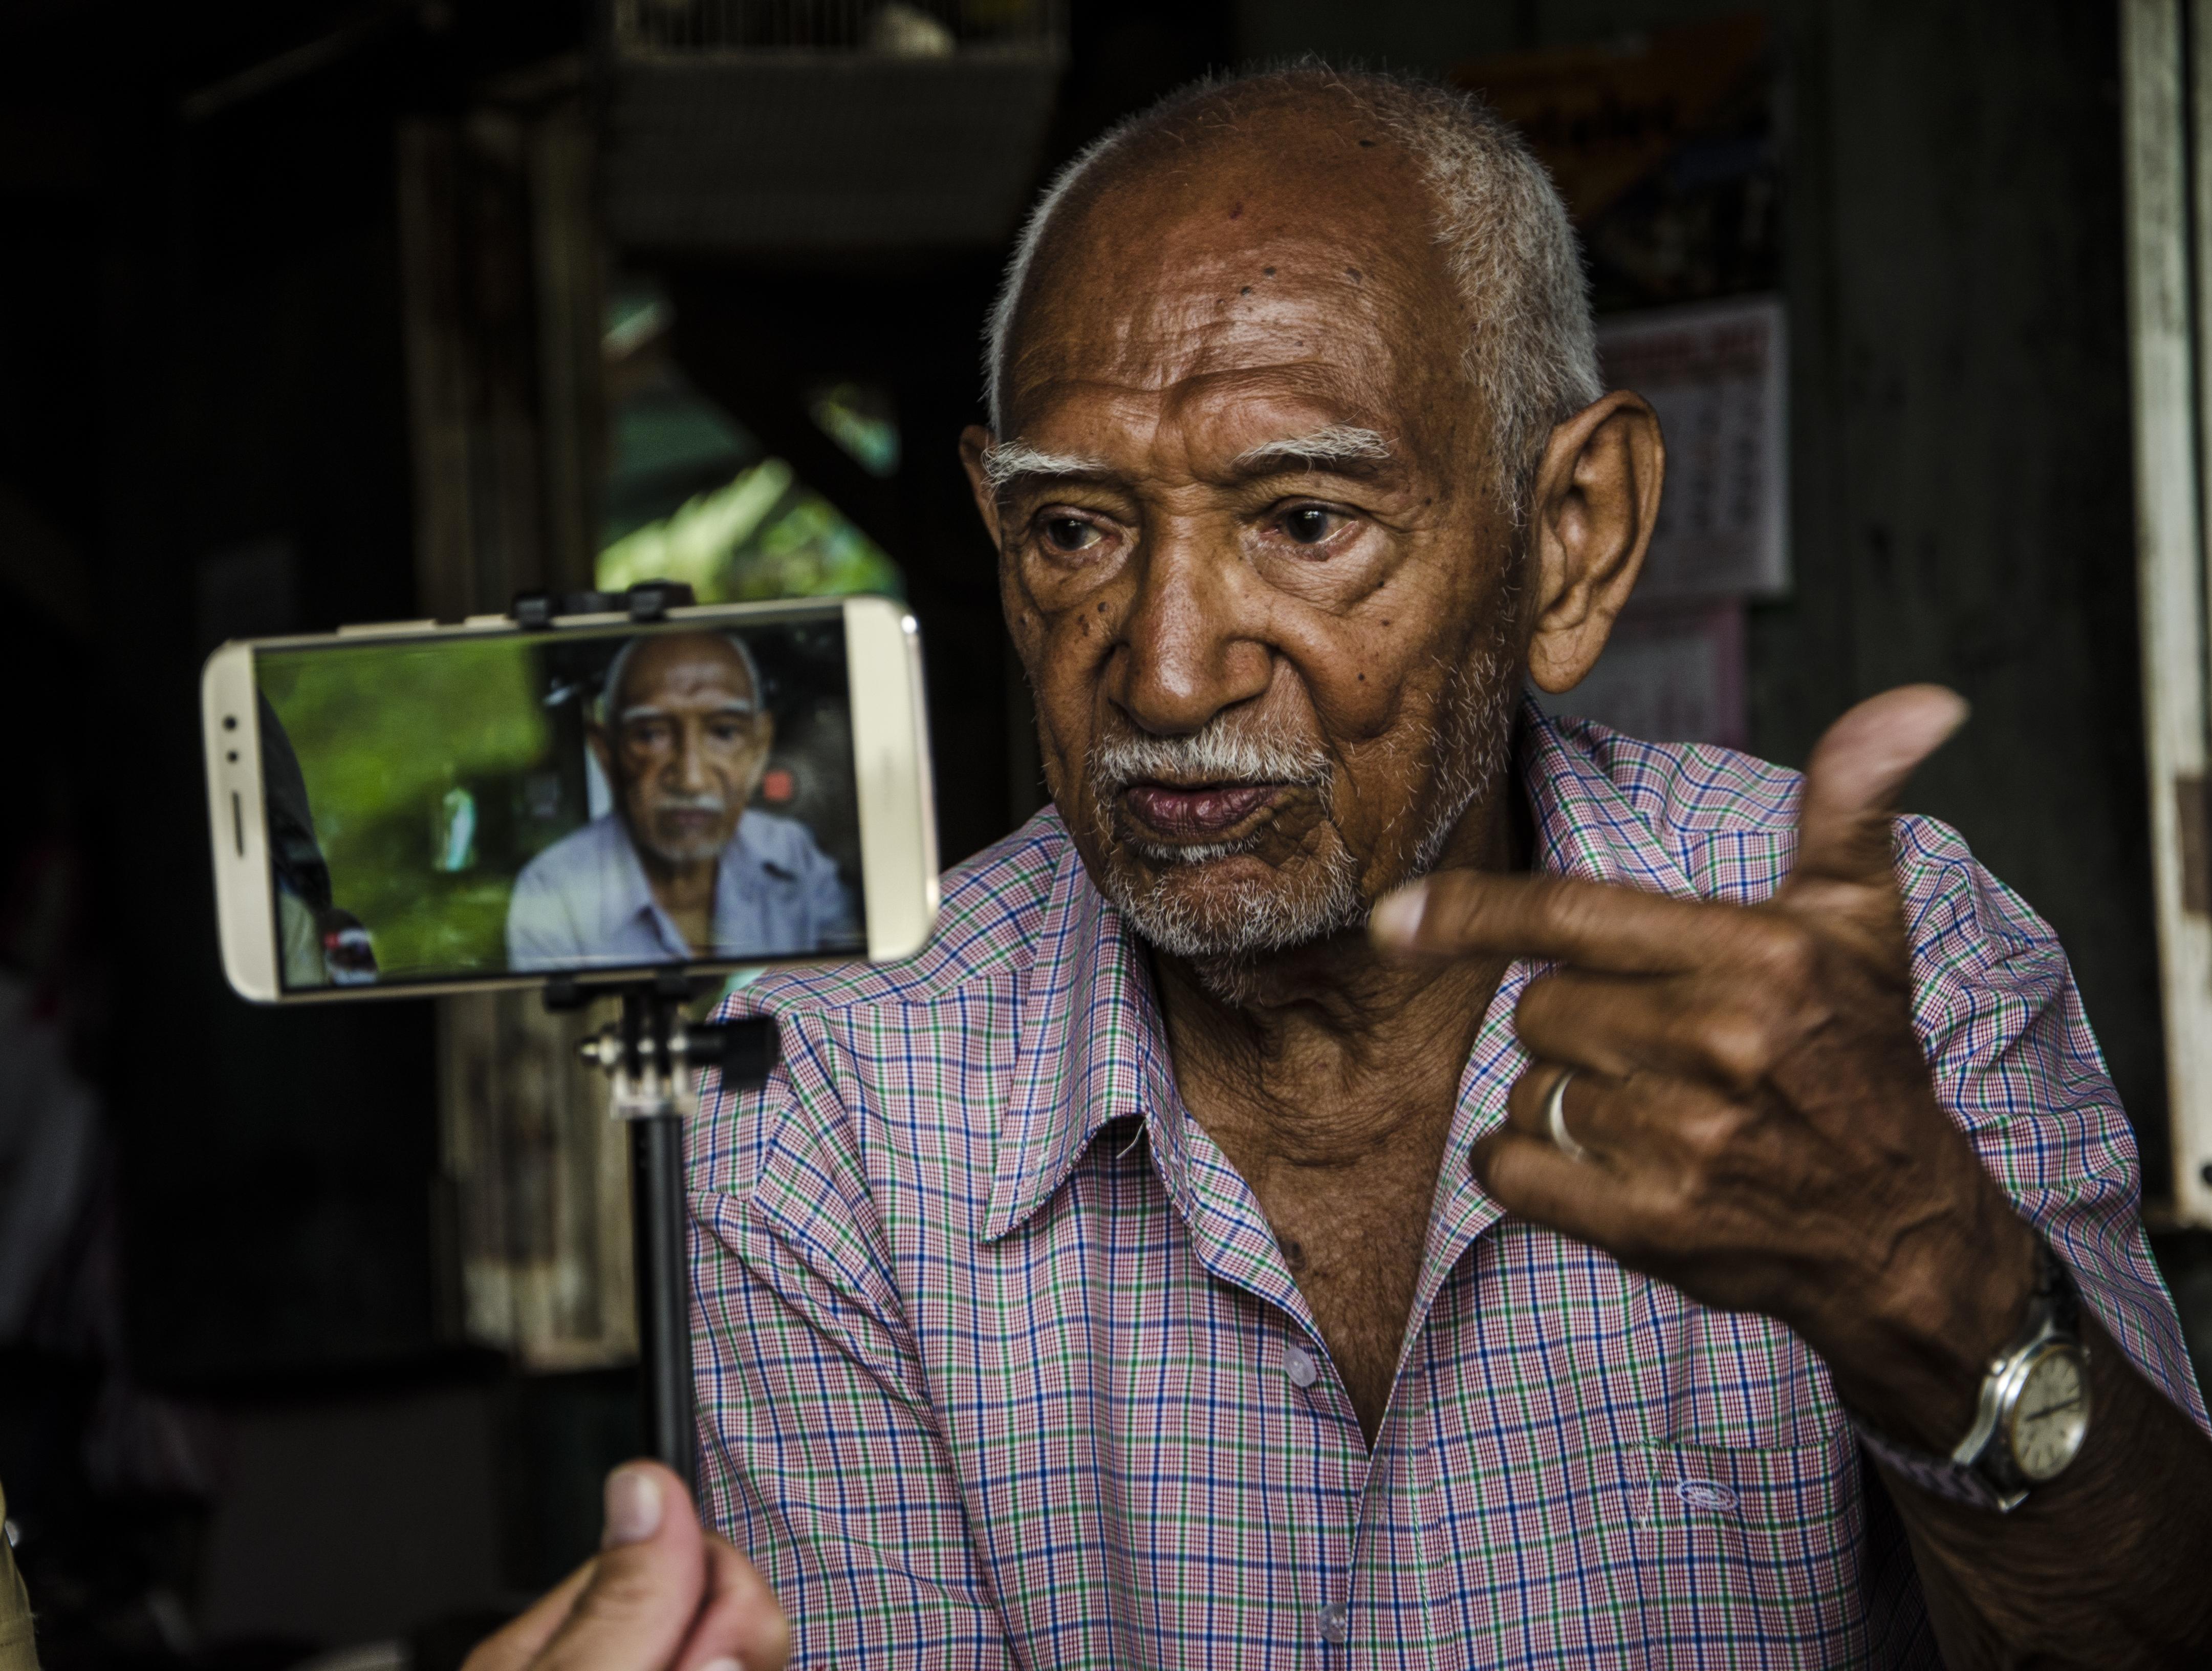 CIUDAD CORTÉS. Con casi 90 años va pedalear de frontera a frontera. La fortaleza de una familia